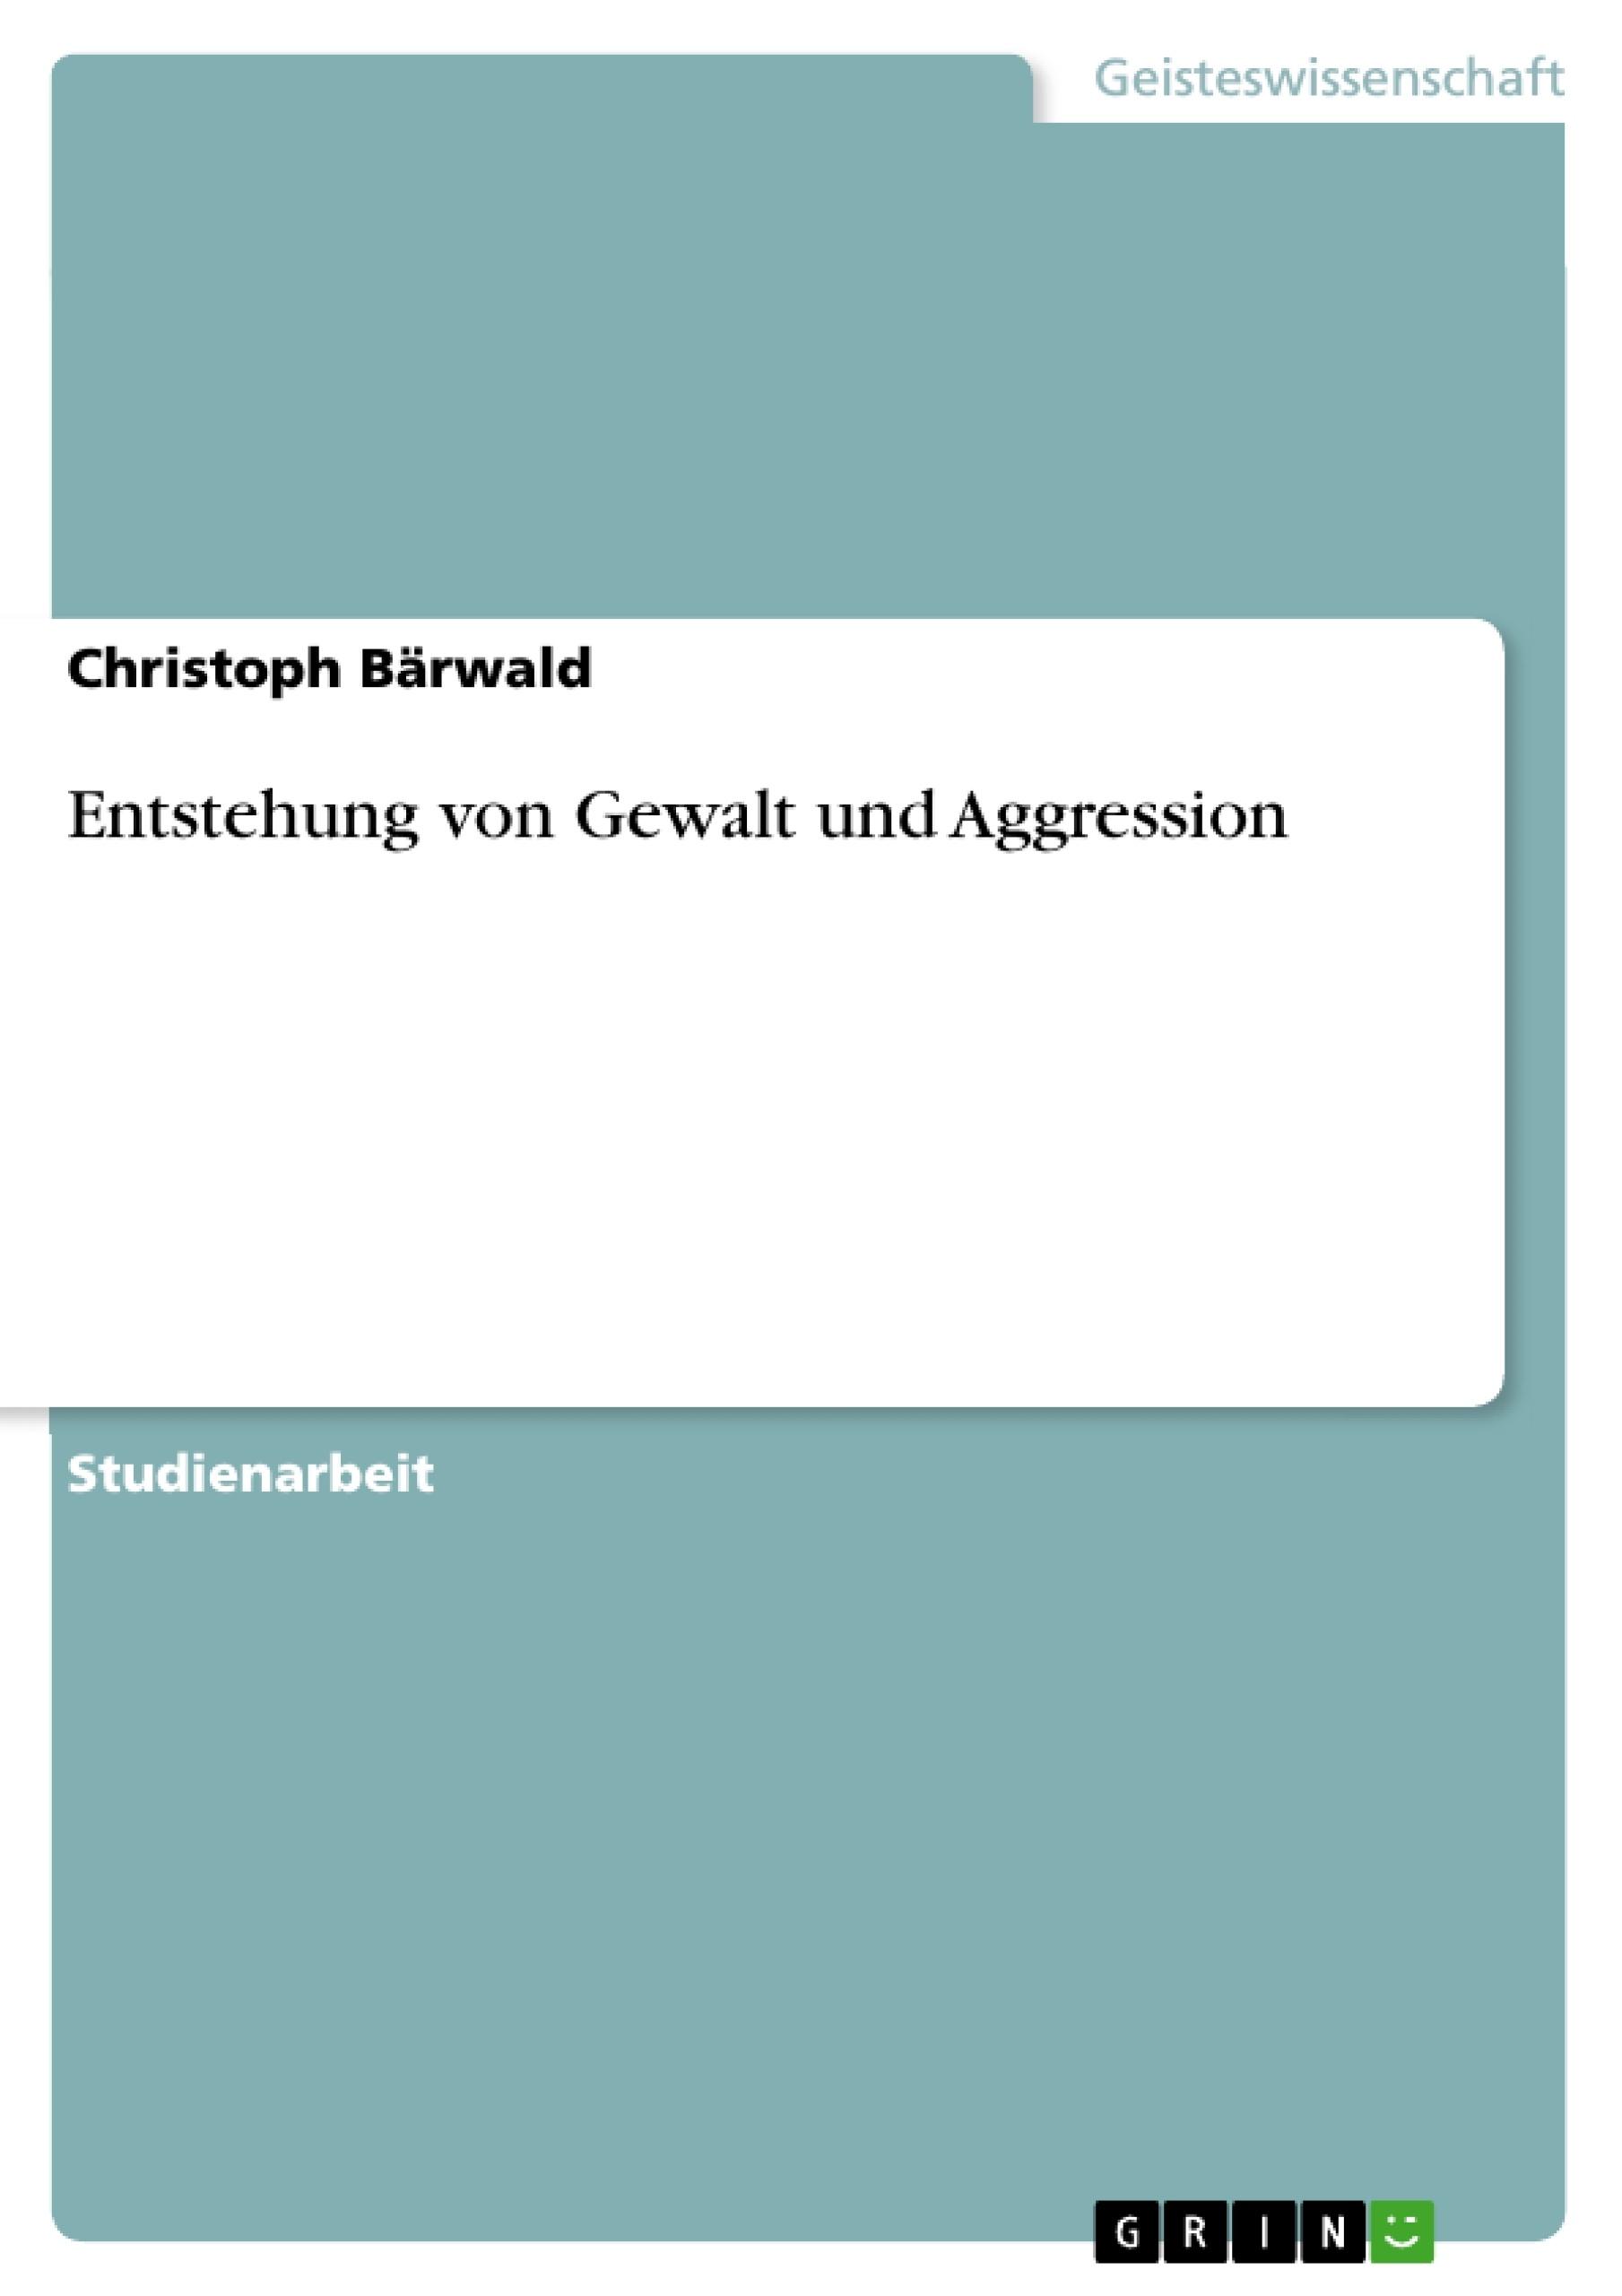 Titel: Entstehung von Gewalt und Aggression